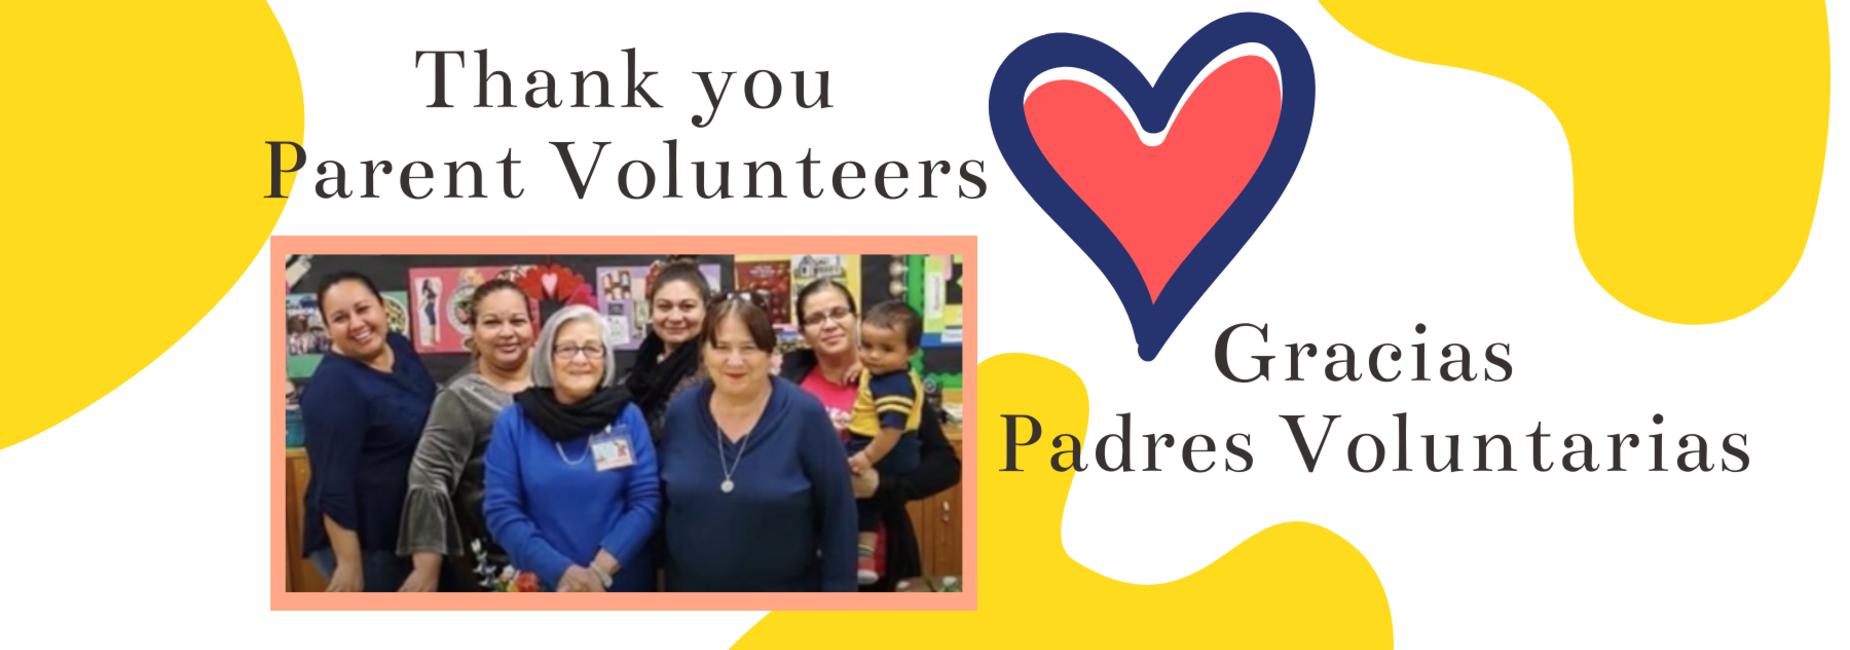 Thank you parent volunteers